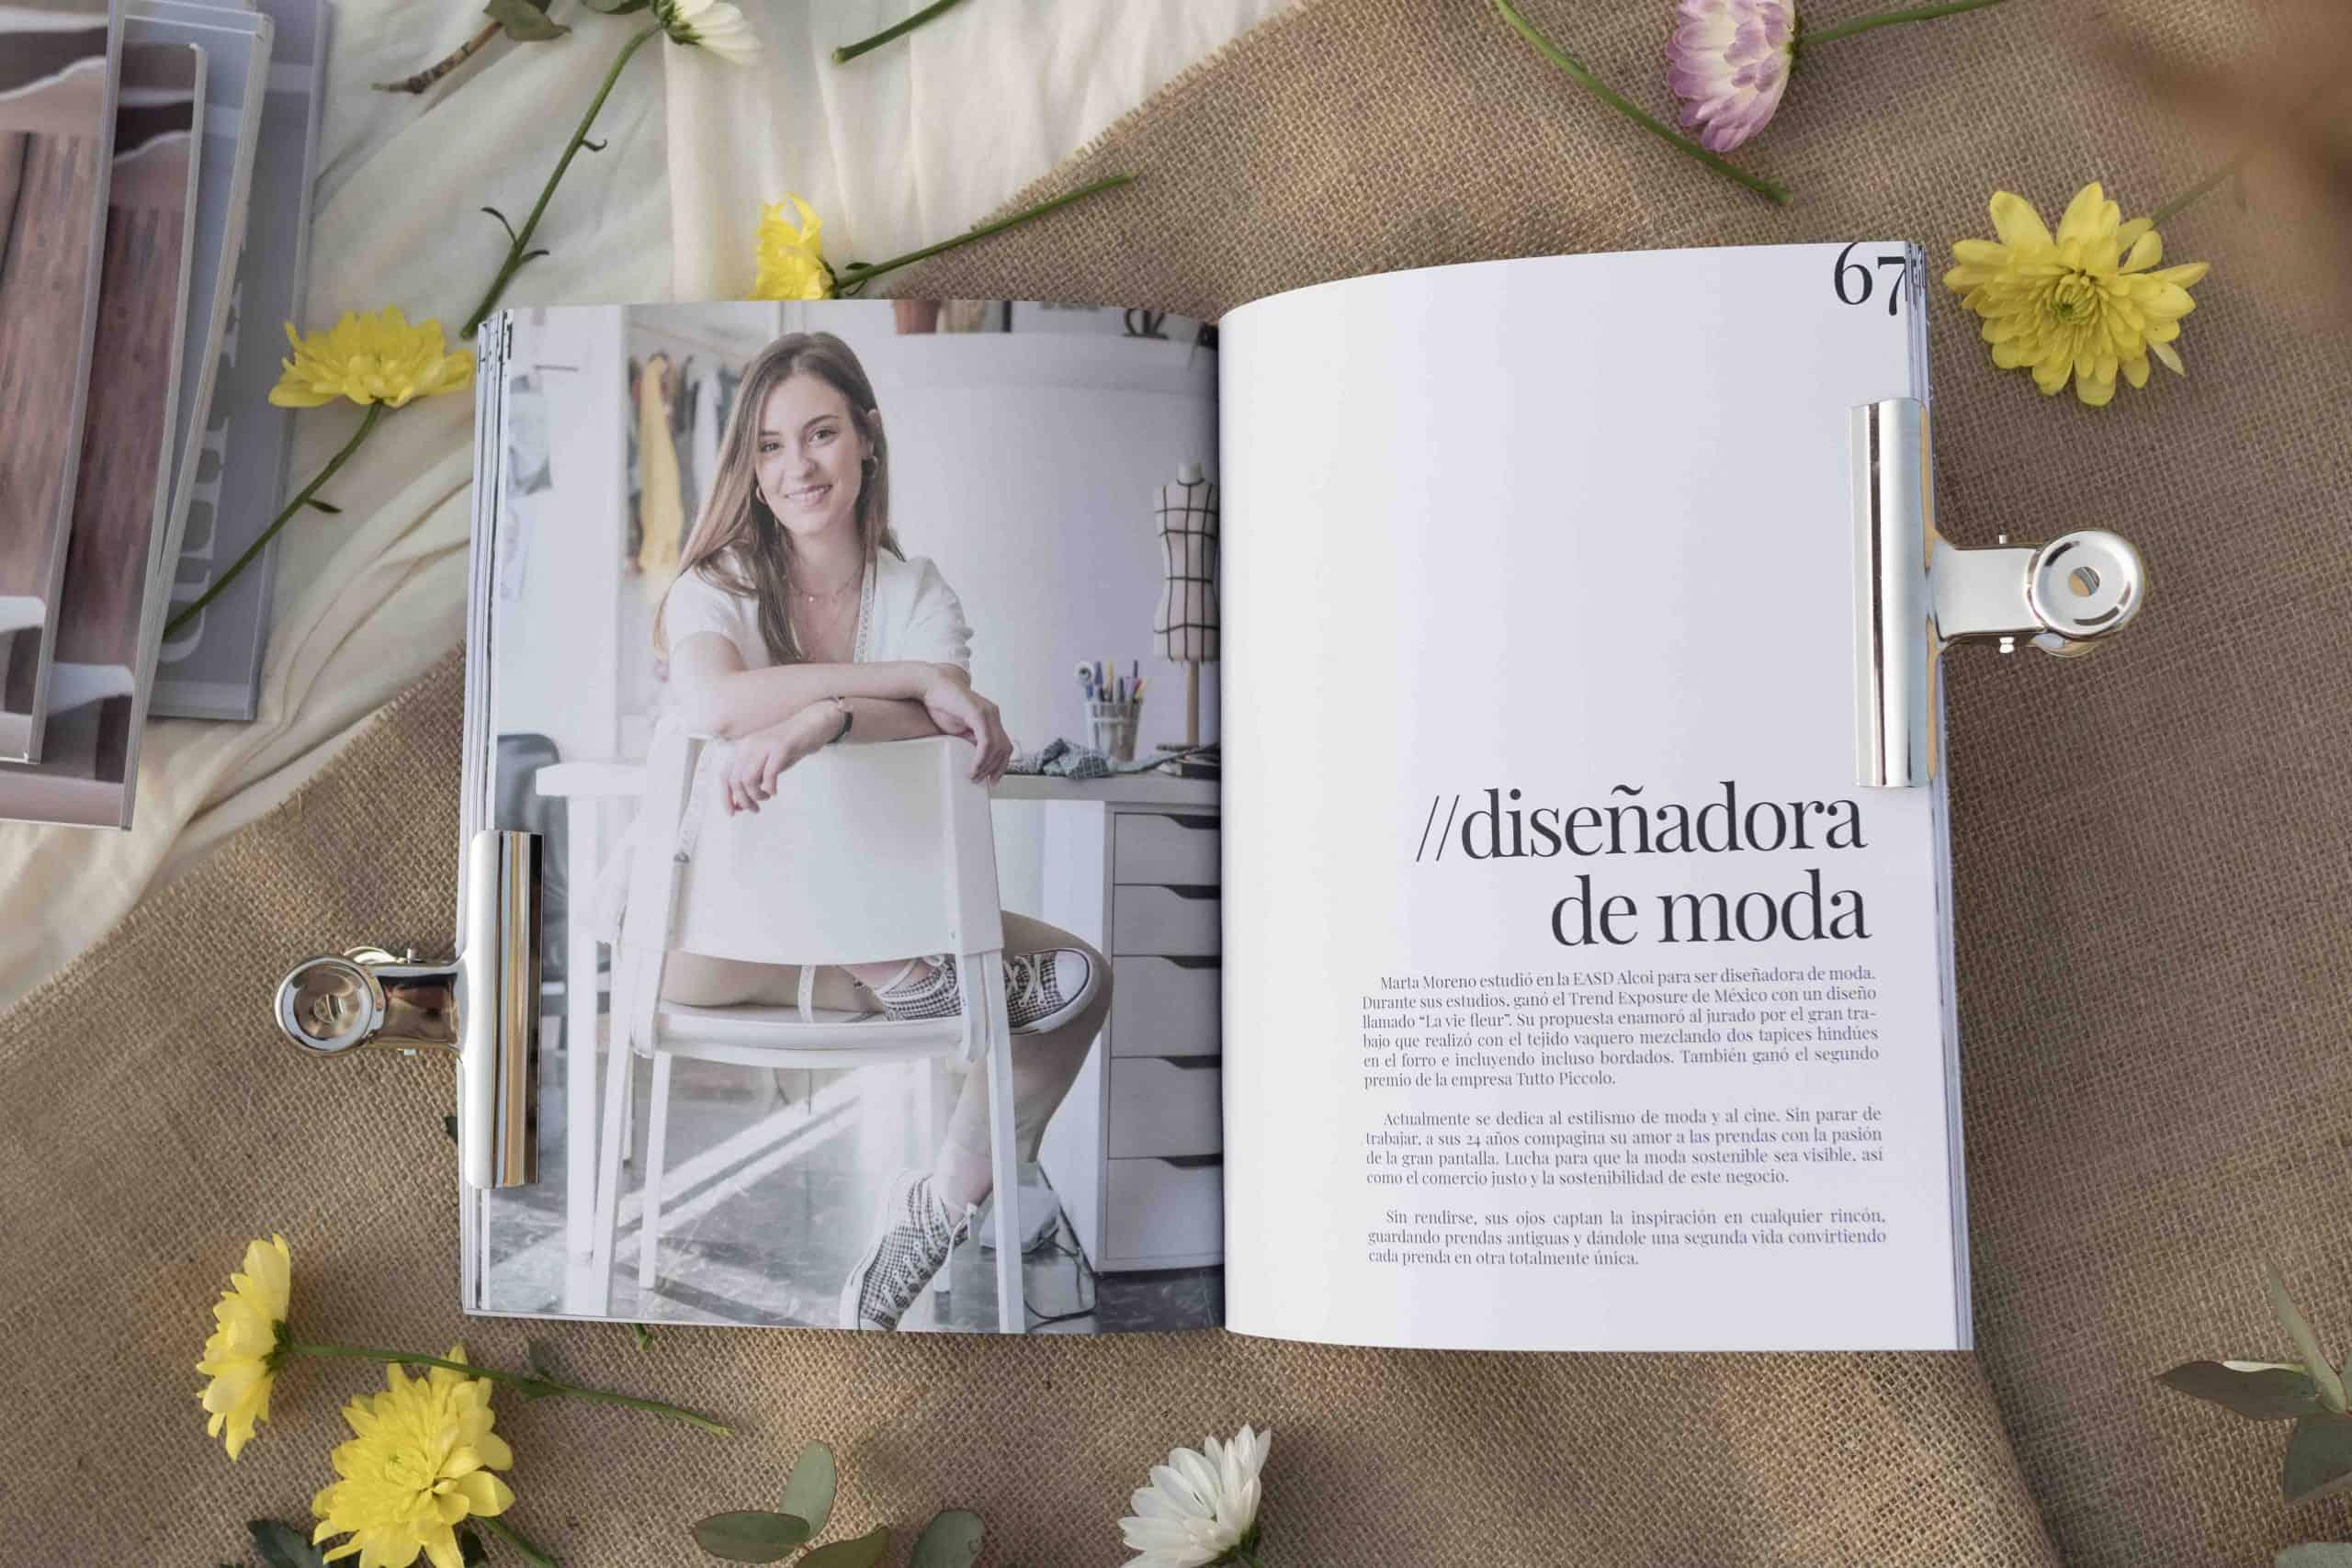 pagina interior de la revista